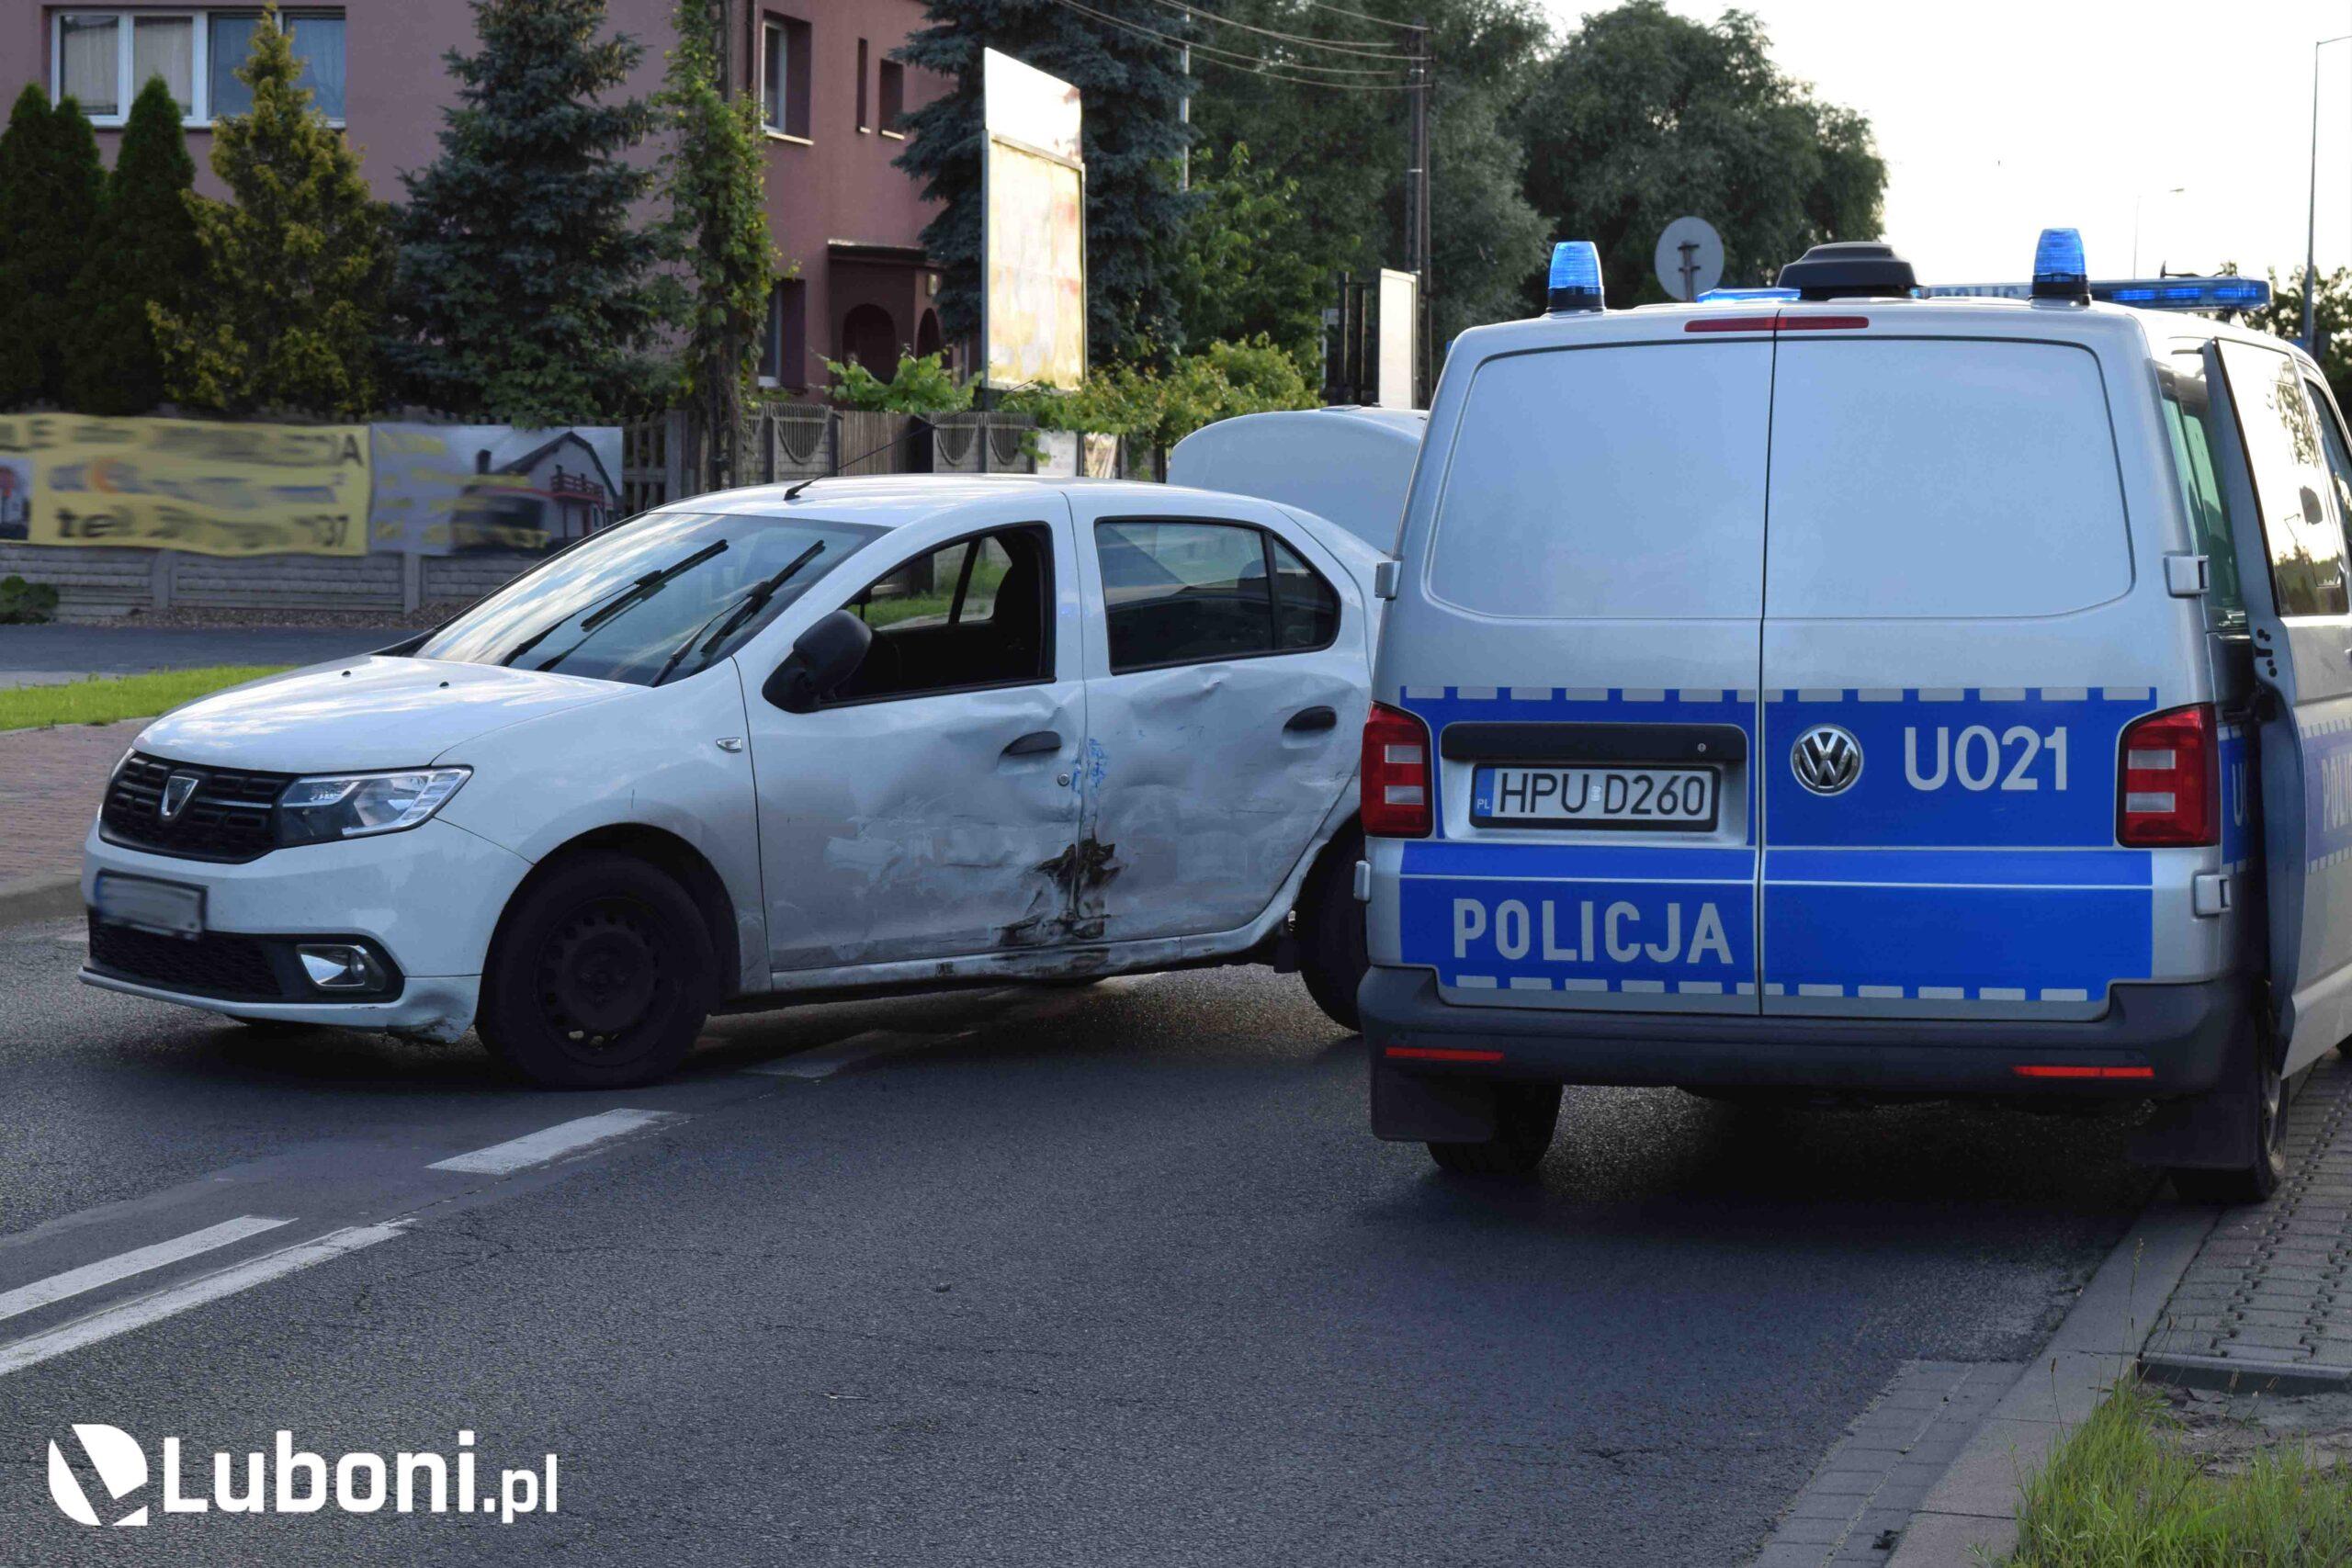 Podczas zatrzymania uciekającego przed pościgiem mężczyzny ruch na ulicy Puszkina w Luboniu wstrzymano